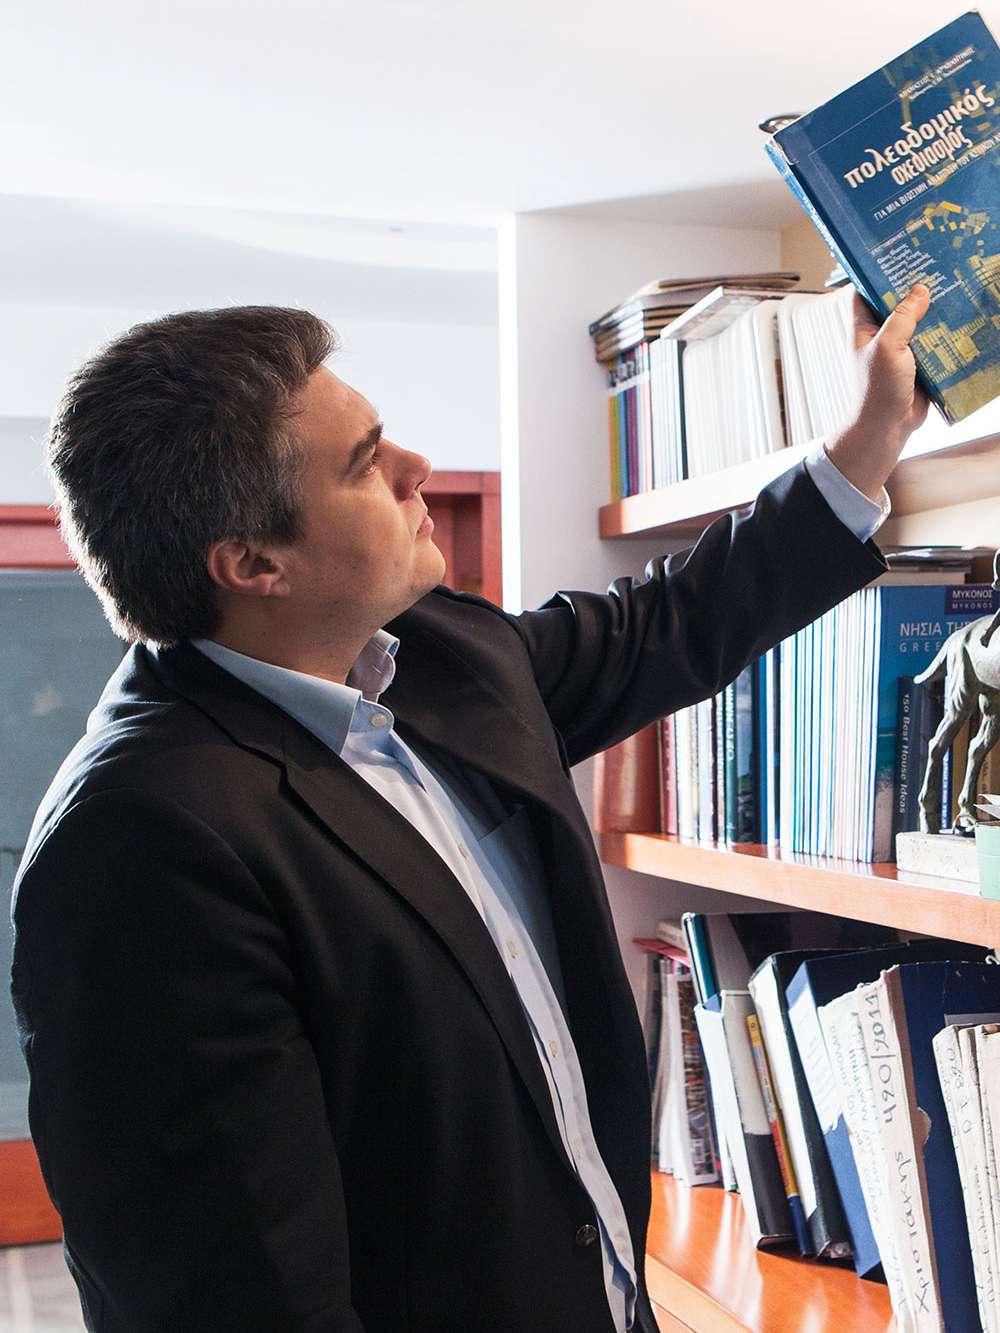 Μίλτος Χρυσομάλλης, βιογραφικό